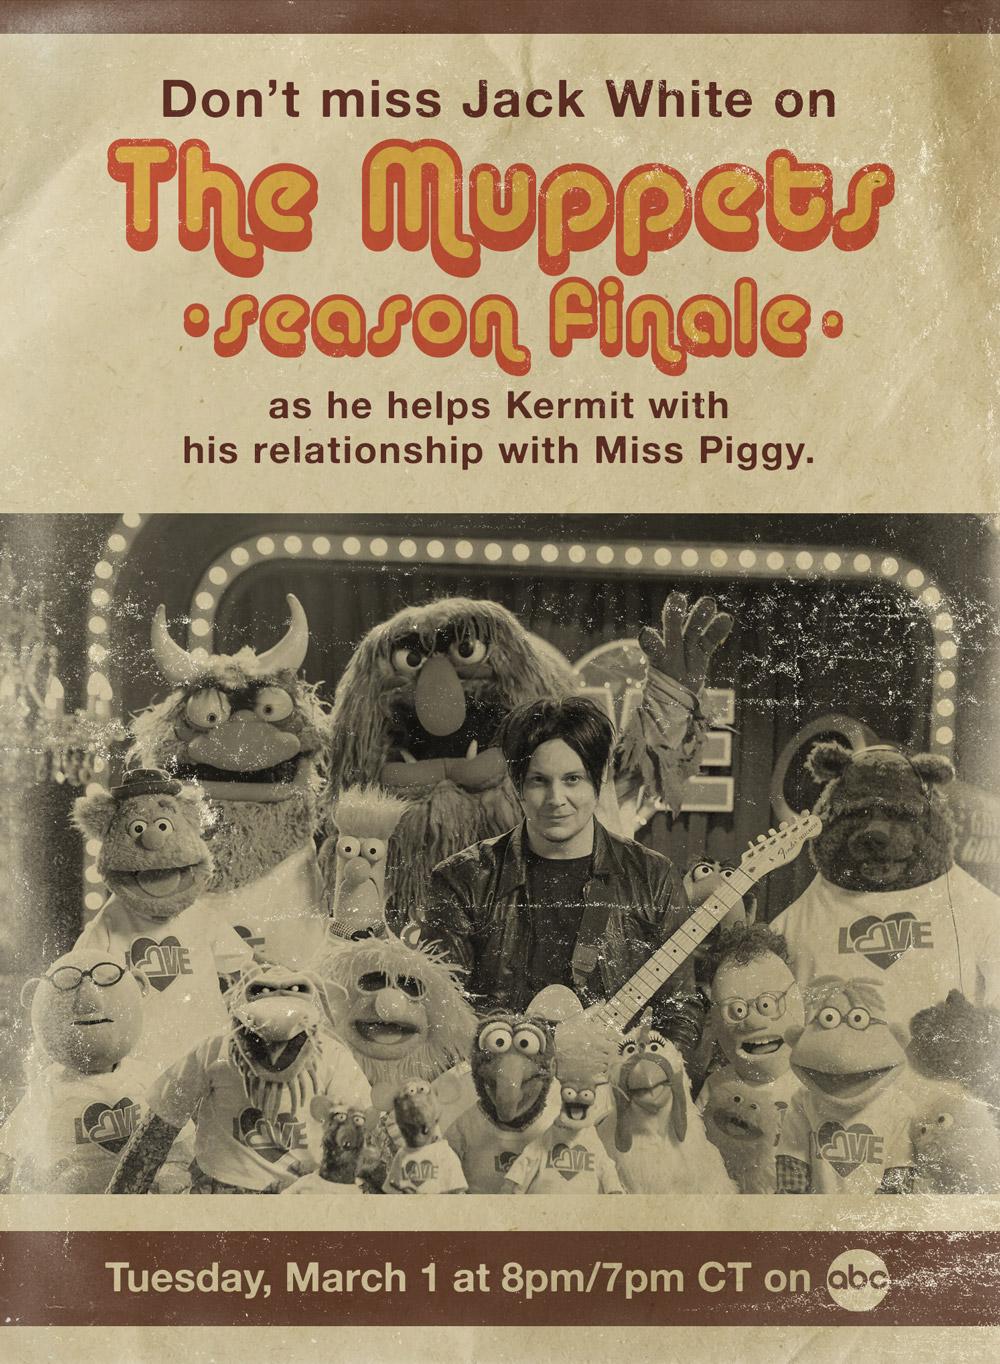 Muppets-1000